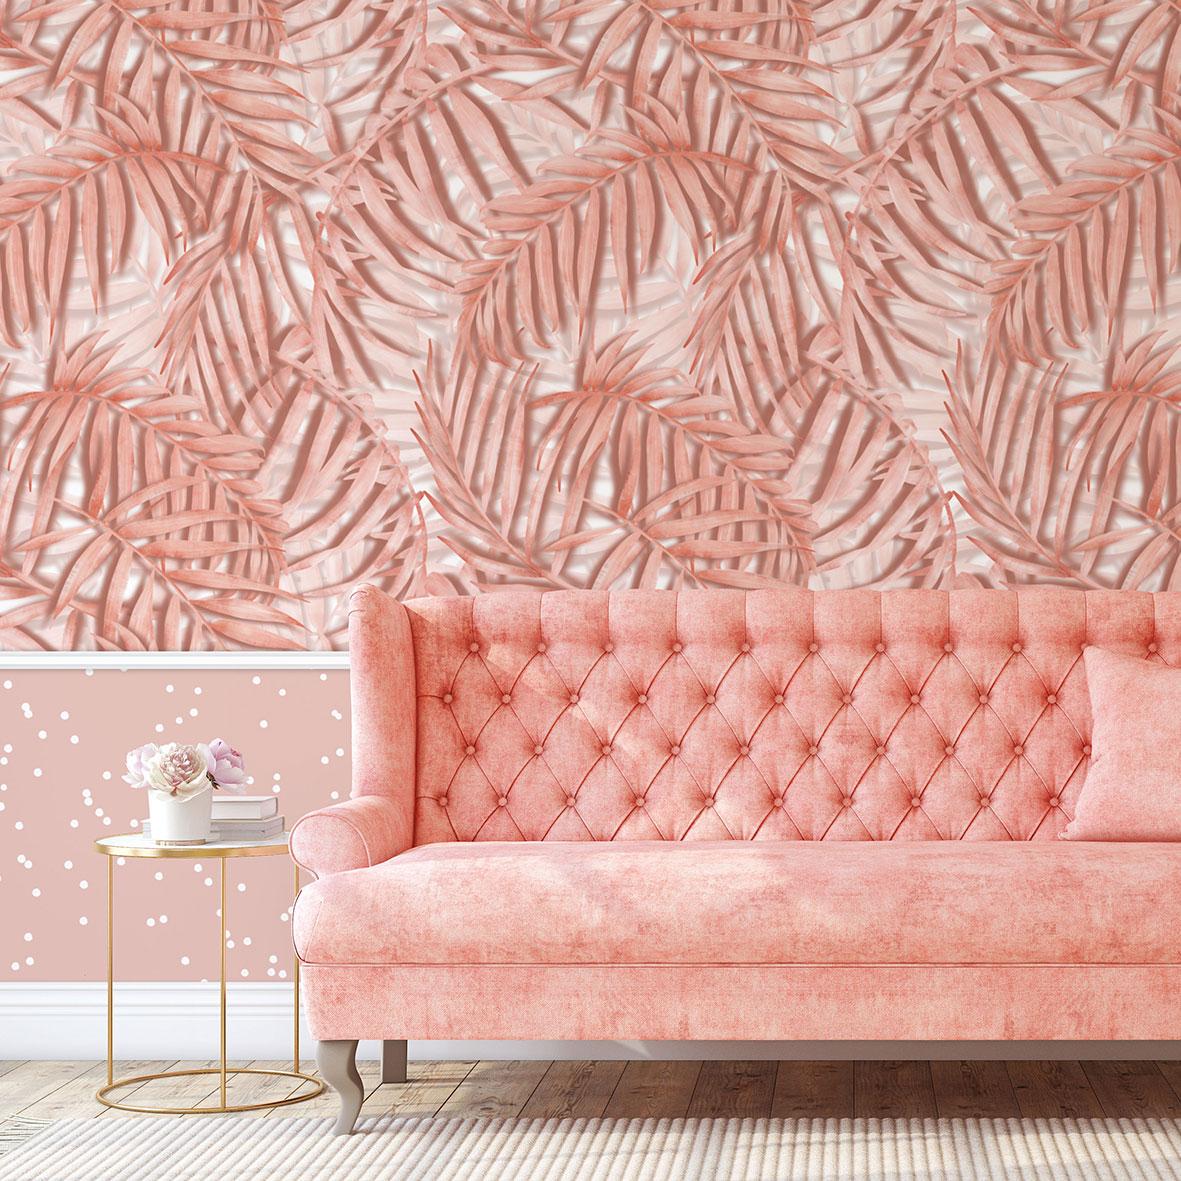 tapeta tropikalna, tapeta w liście, palma tropikalna,różowa palma